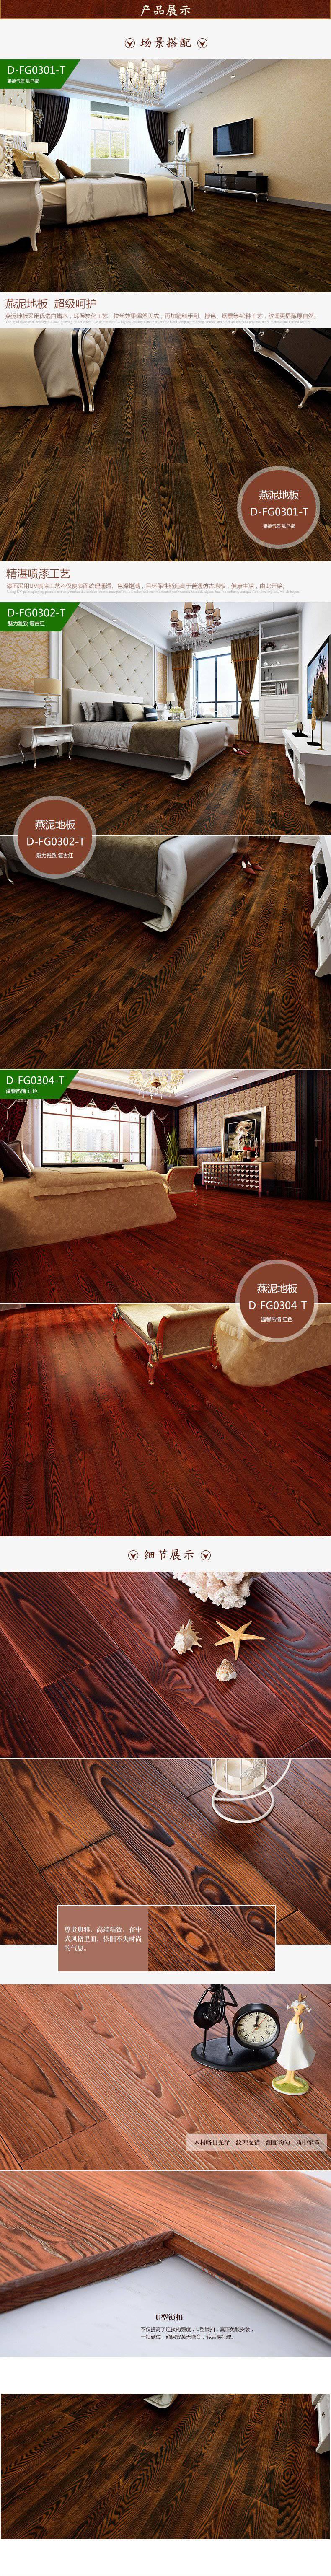 燕泥地板实木复合木地板效果图 炭化地热白蜡木